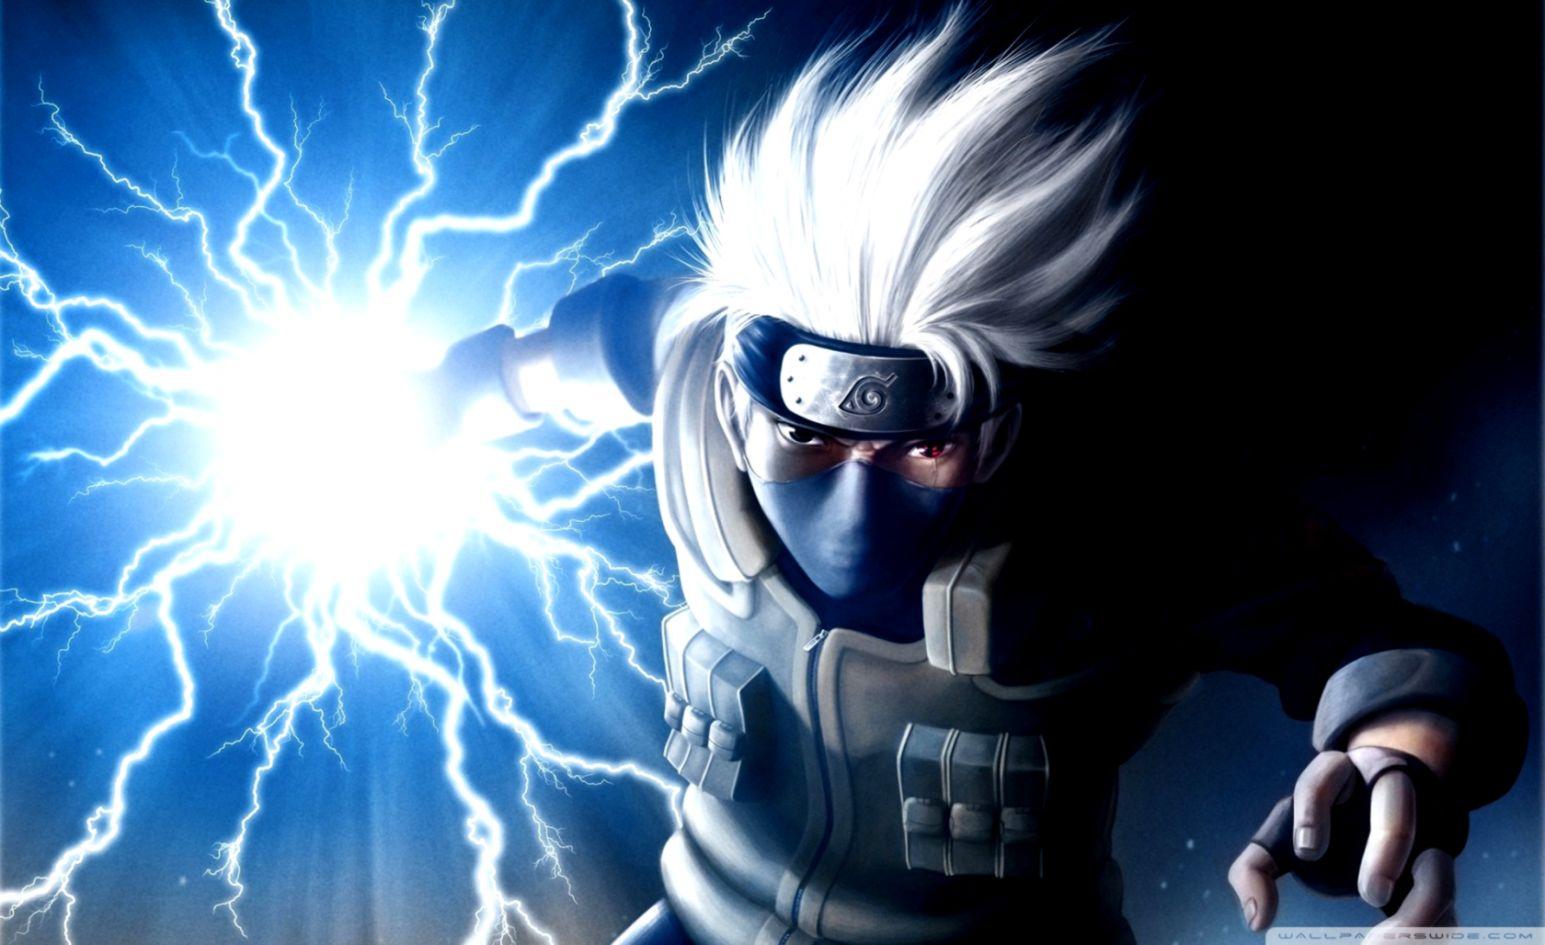 Download 550 Wallpaper Naruto Pc 4k HD Paling Keren